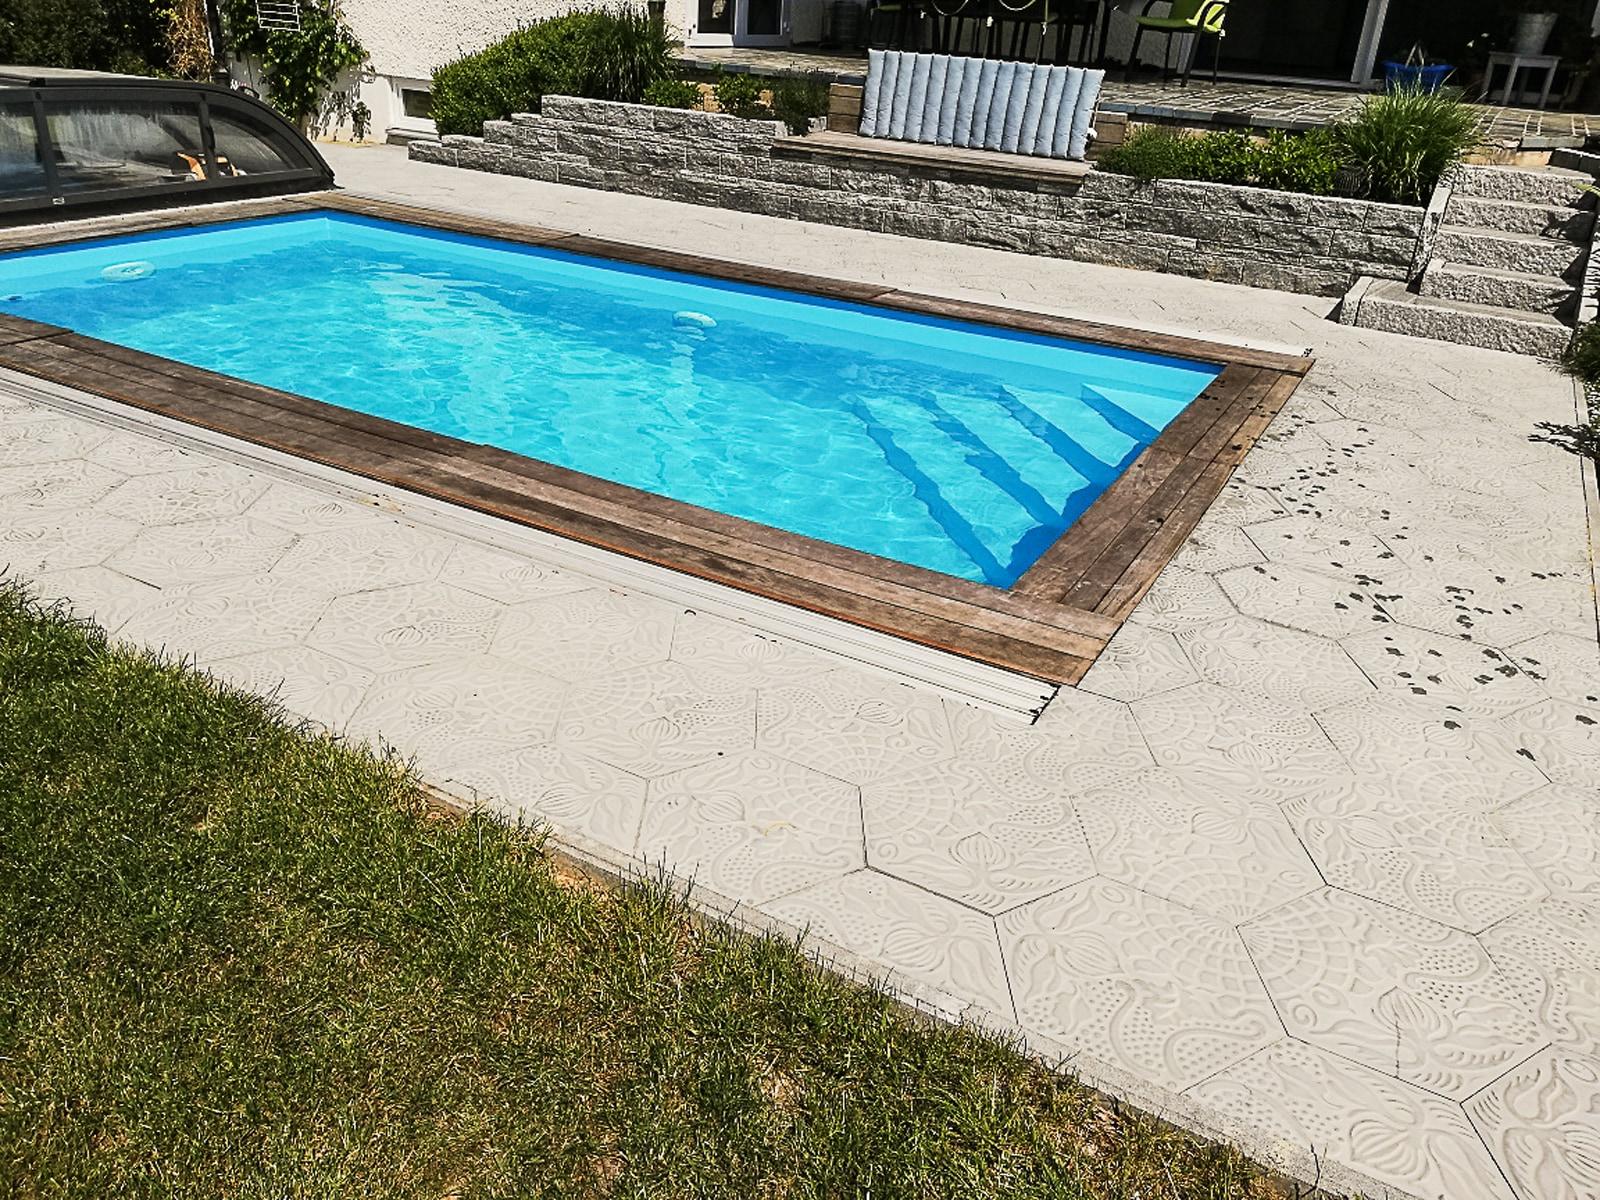 trottoirplatten-AP02-schwimmbad©buchner-via-viaplatten | AP02